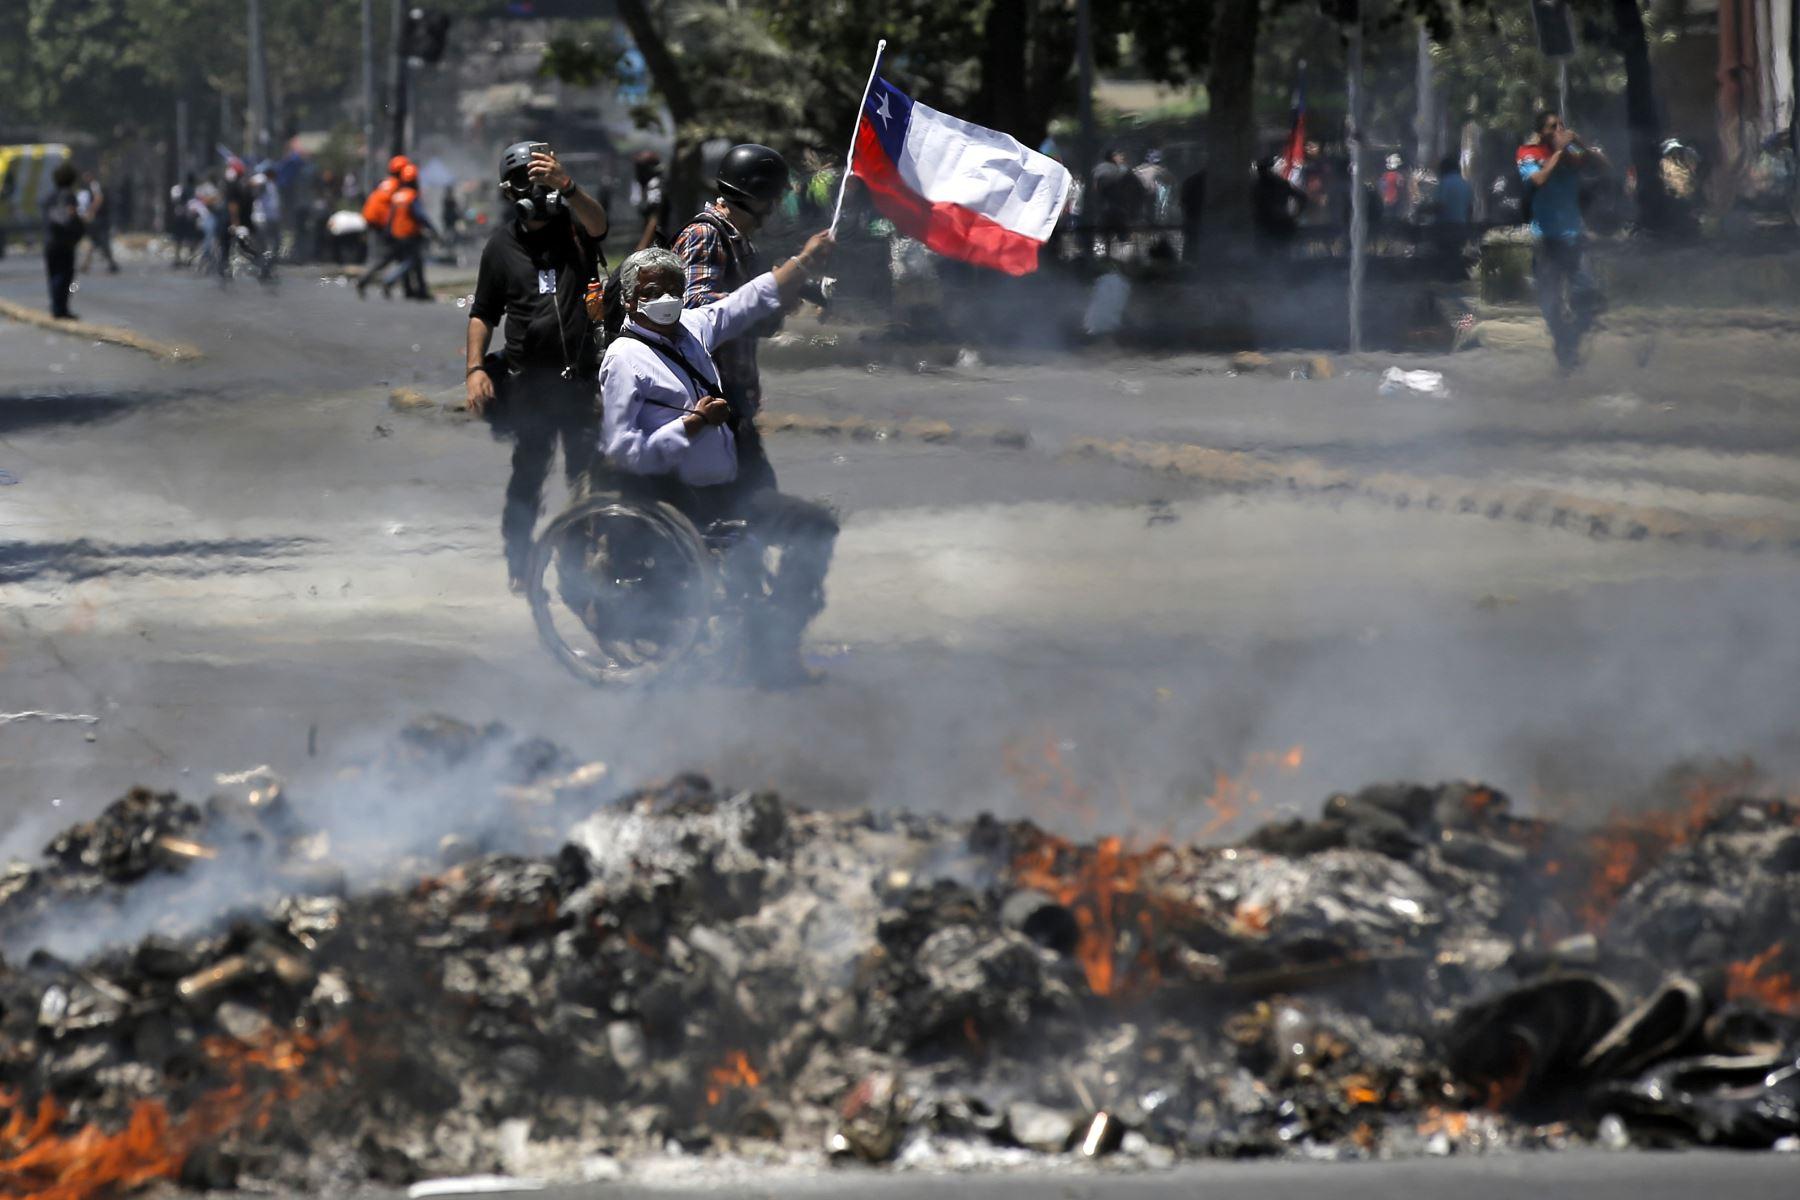 Un hombre en silla de ruedas ondea la bandera nacional chilena junto a una hoguera durante una protesta contra el gobierno de Sebastián Piñera en Santiago de Chile. Foto: AFP